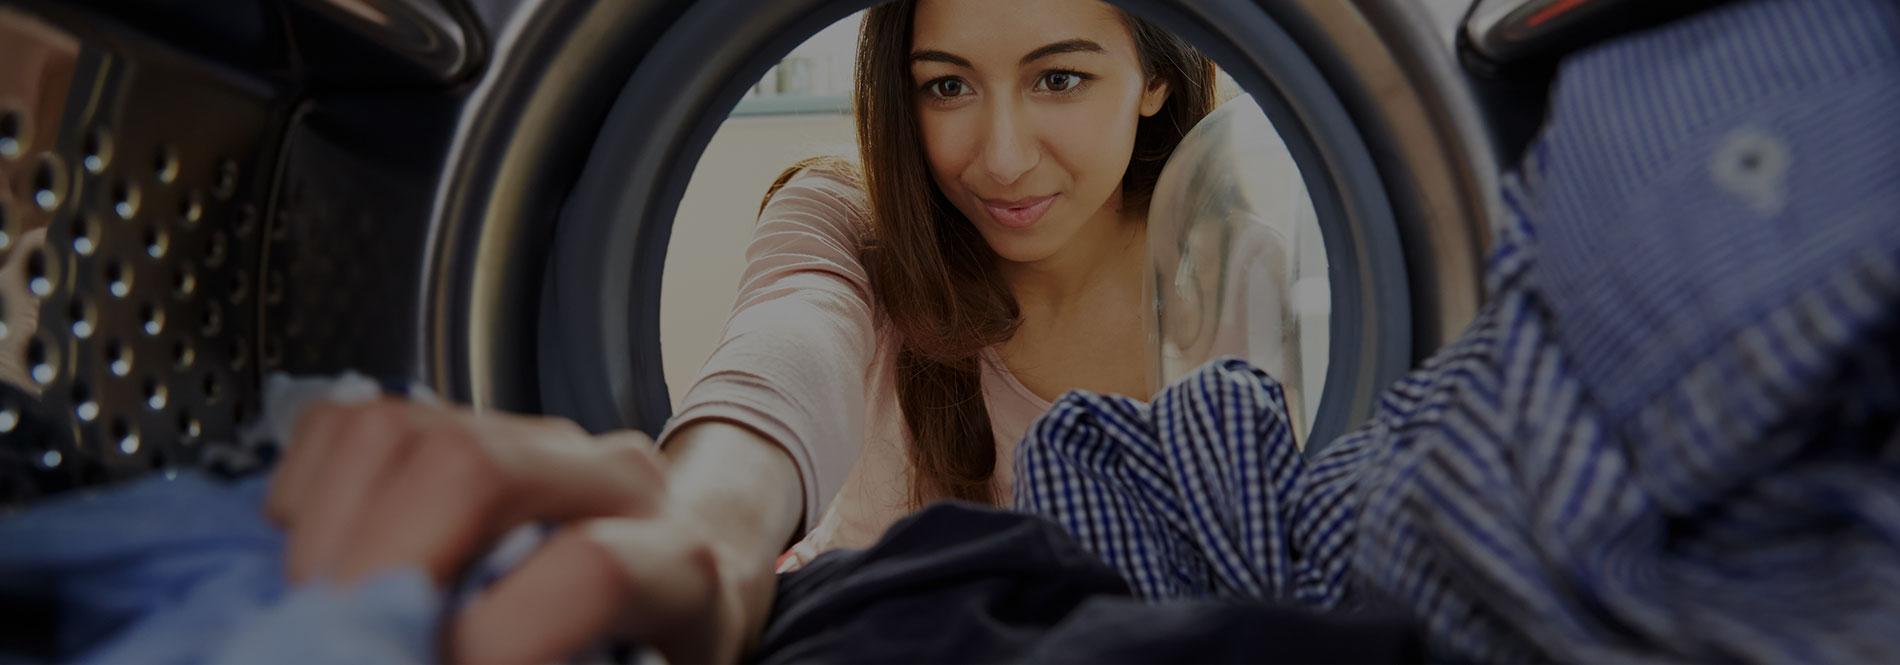 Women and washing machine